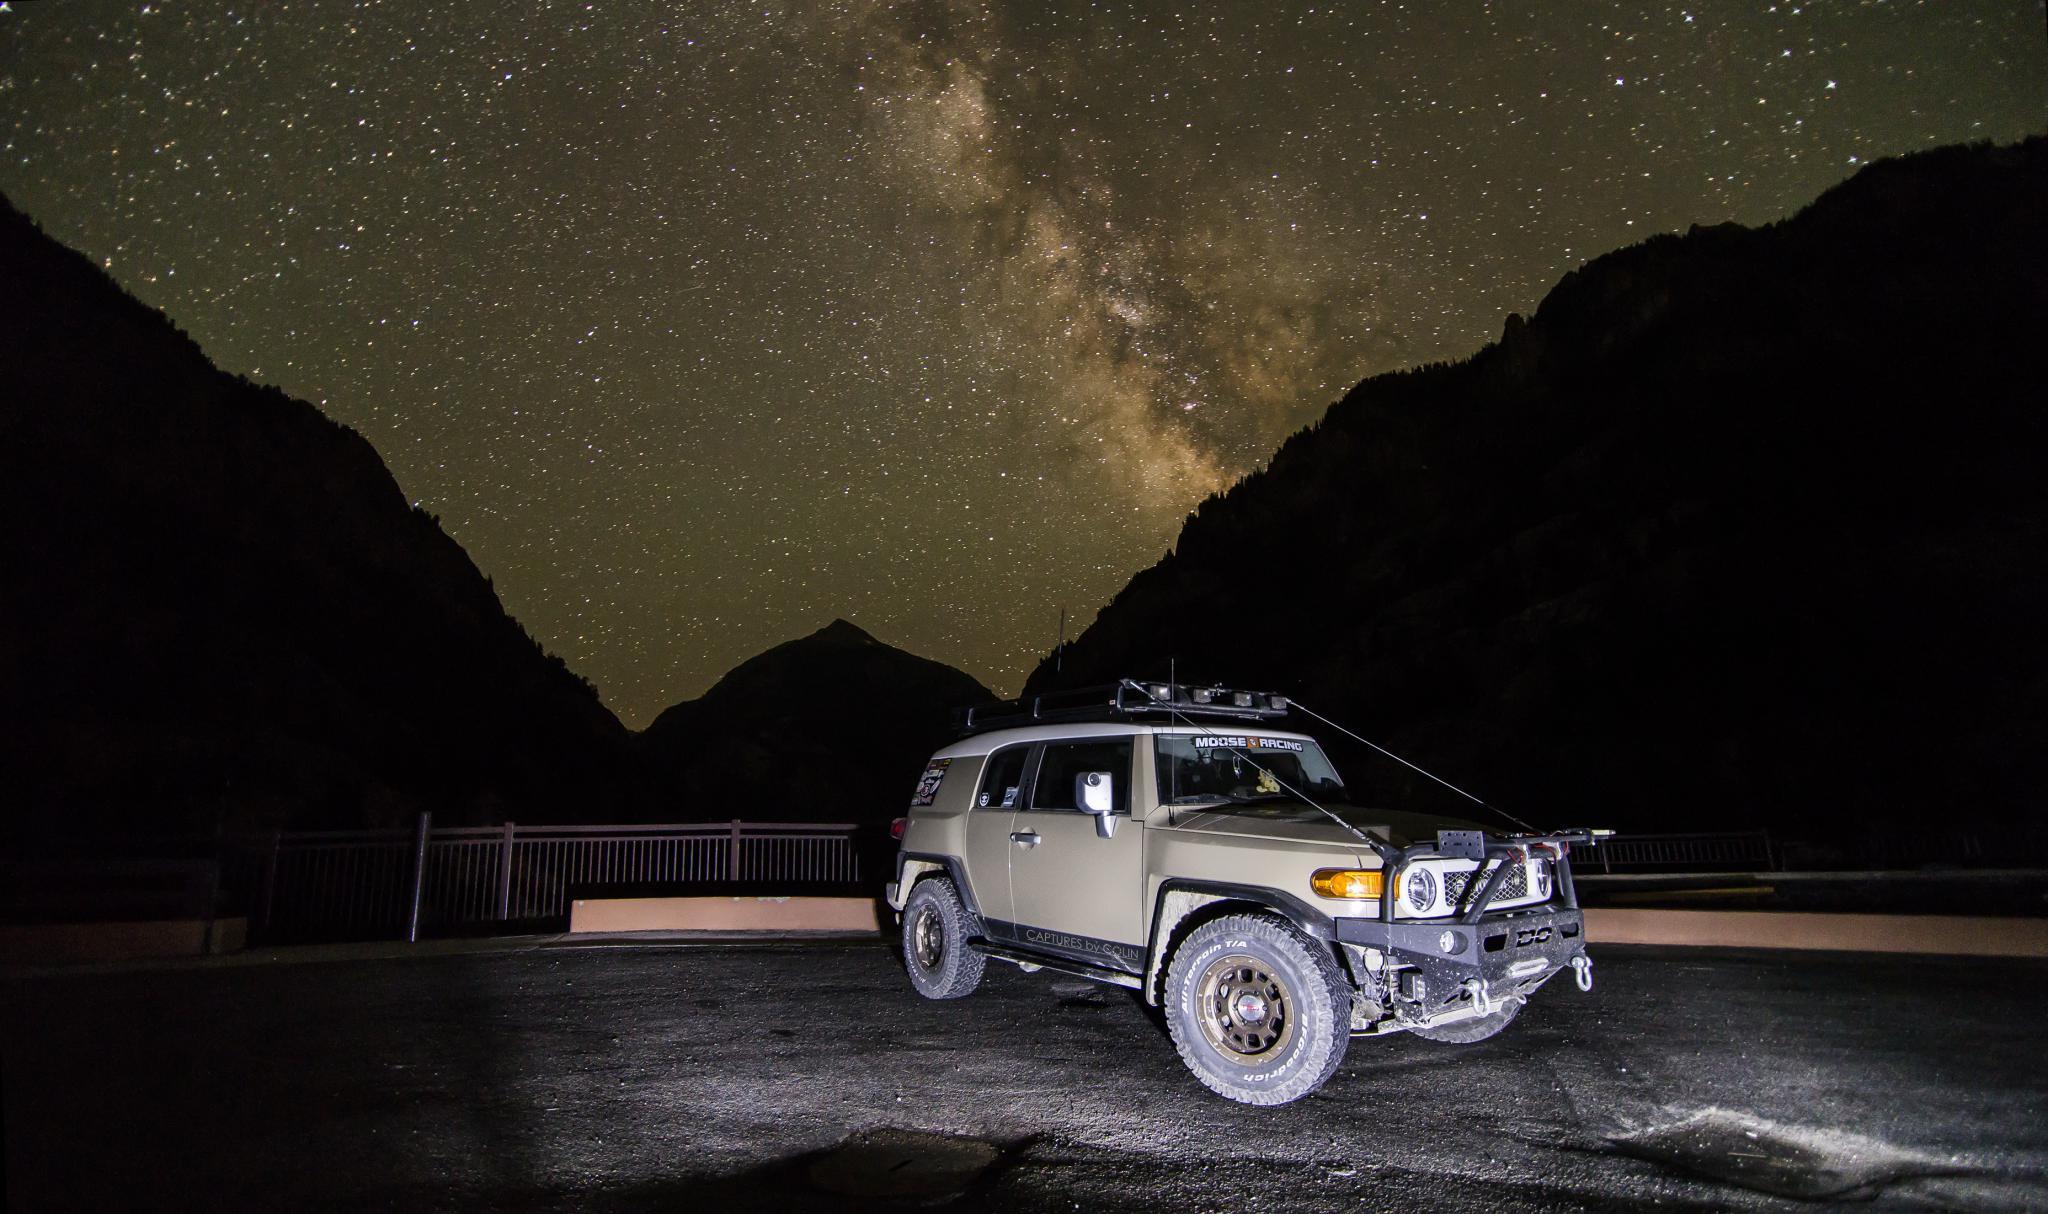 Fj Summit Annual Milkyway Photoshoot Toyota Fj Cruiser Forum